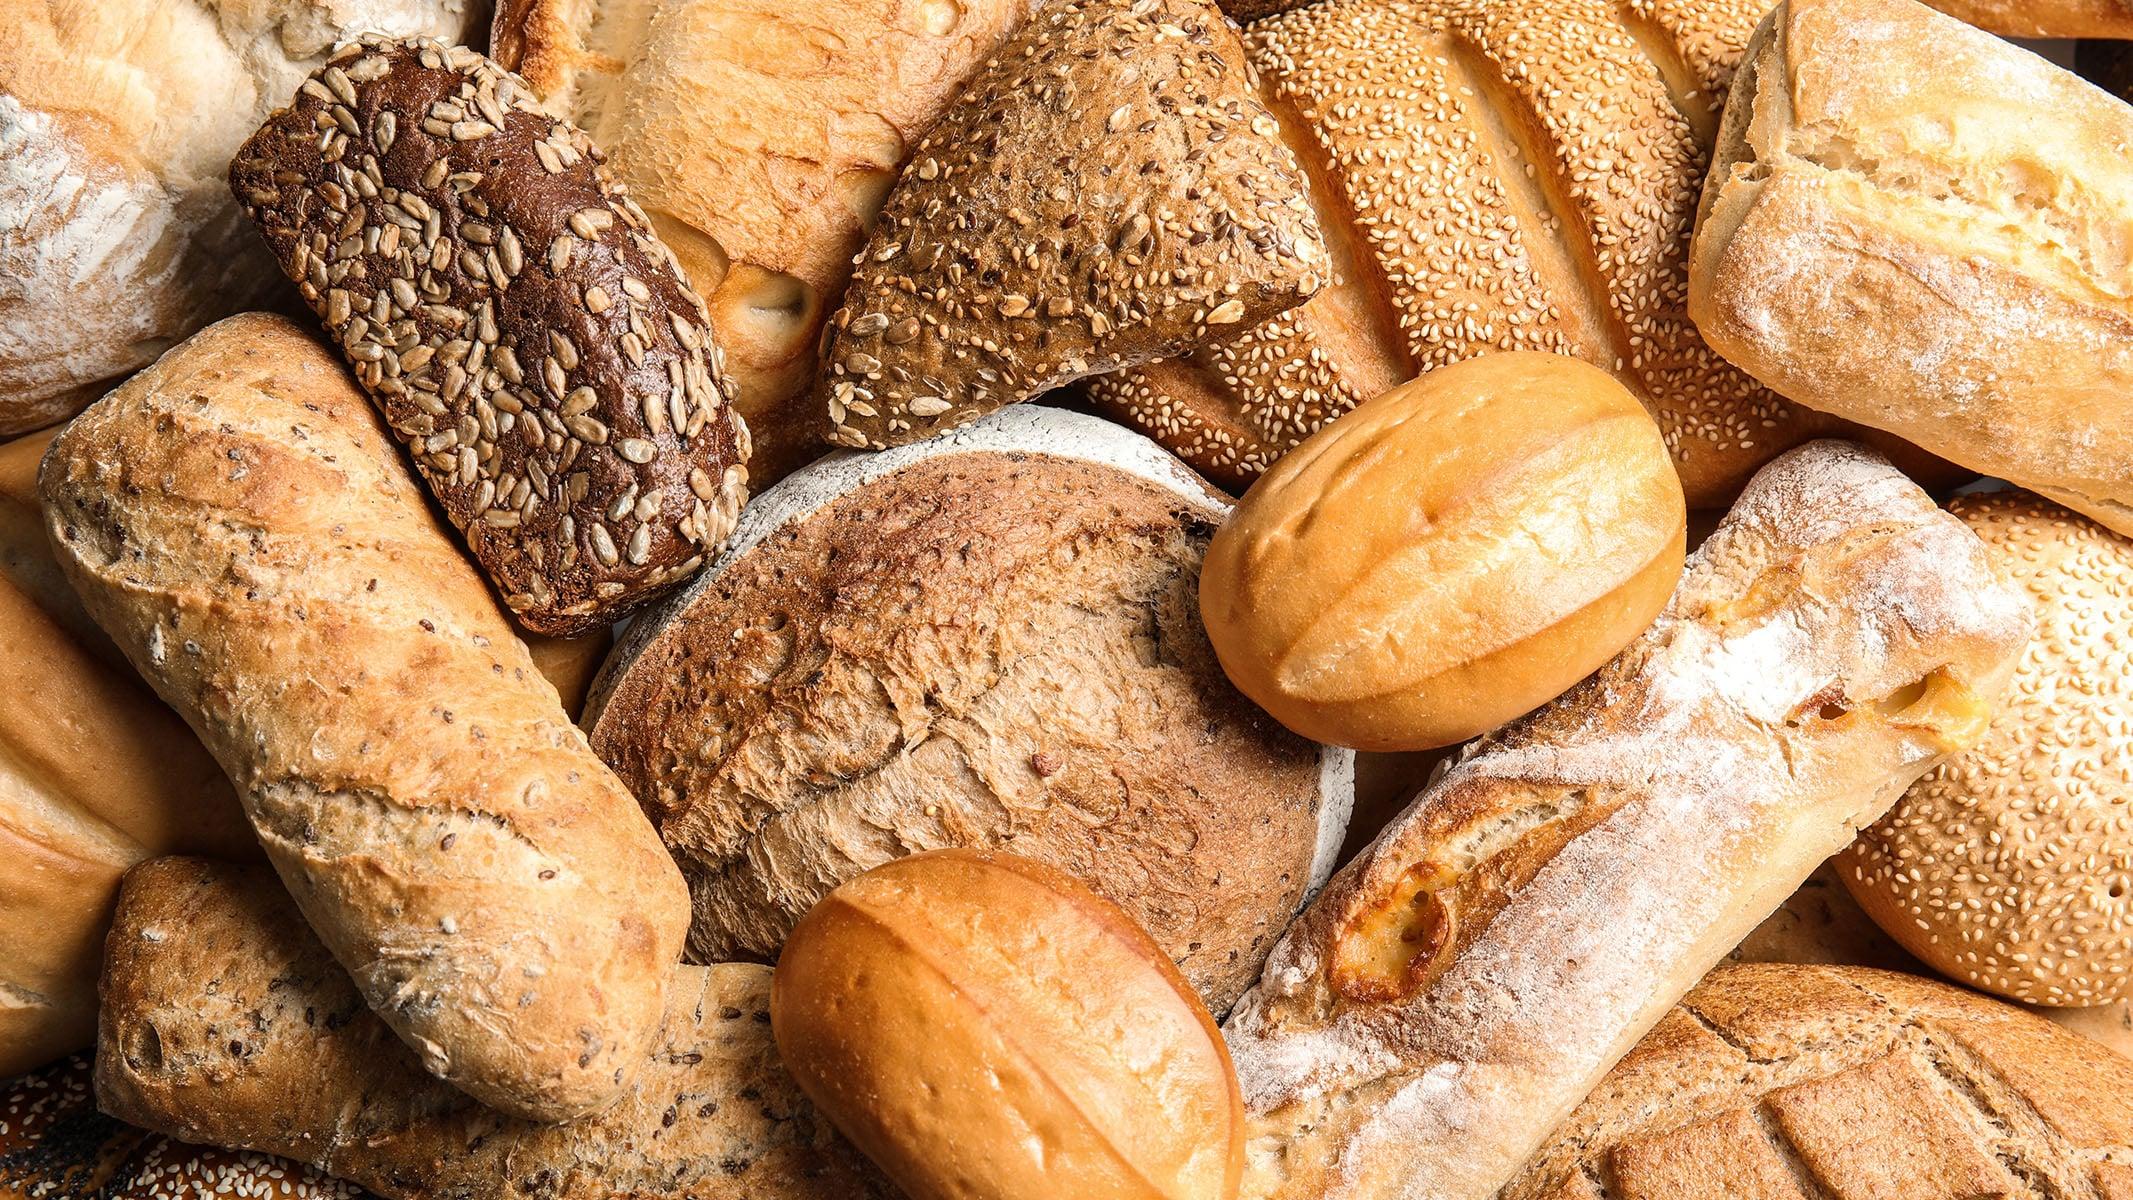 調べ学習 パンのひみつを<ruby><rb>調</rb><rp>(</rp><rt>しら</rt><rp>)</rp></ruby>べよう!